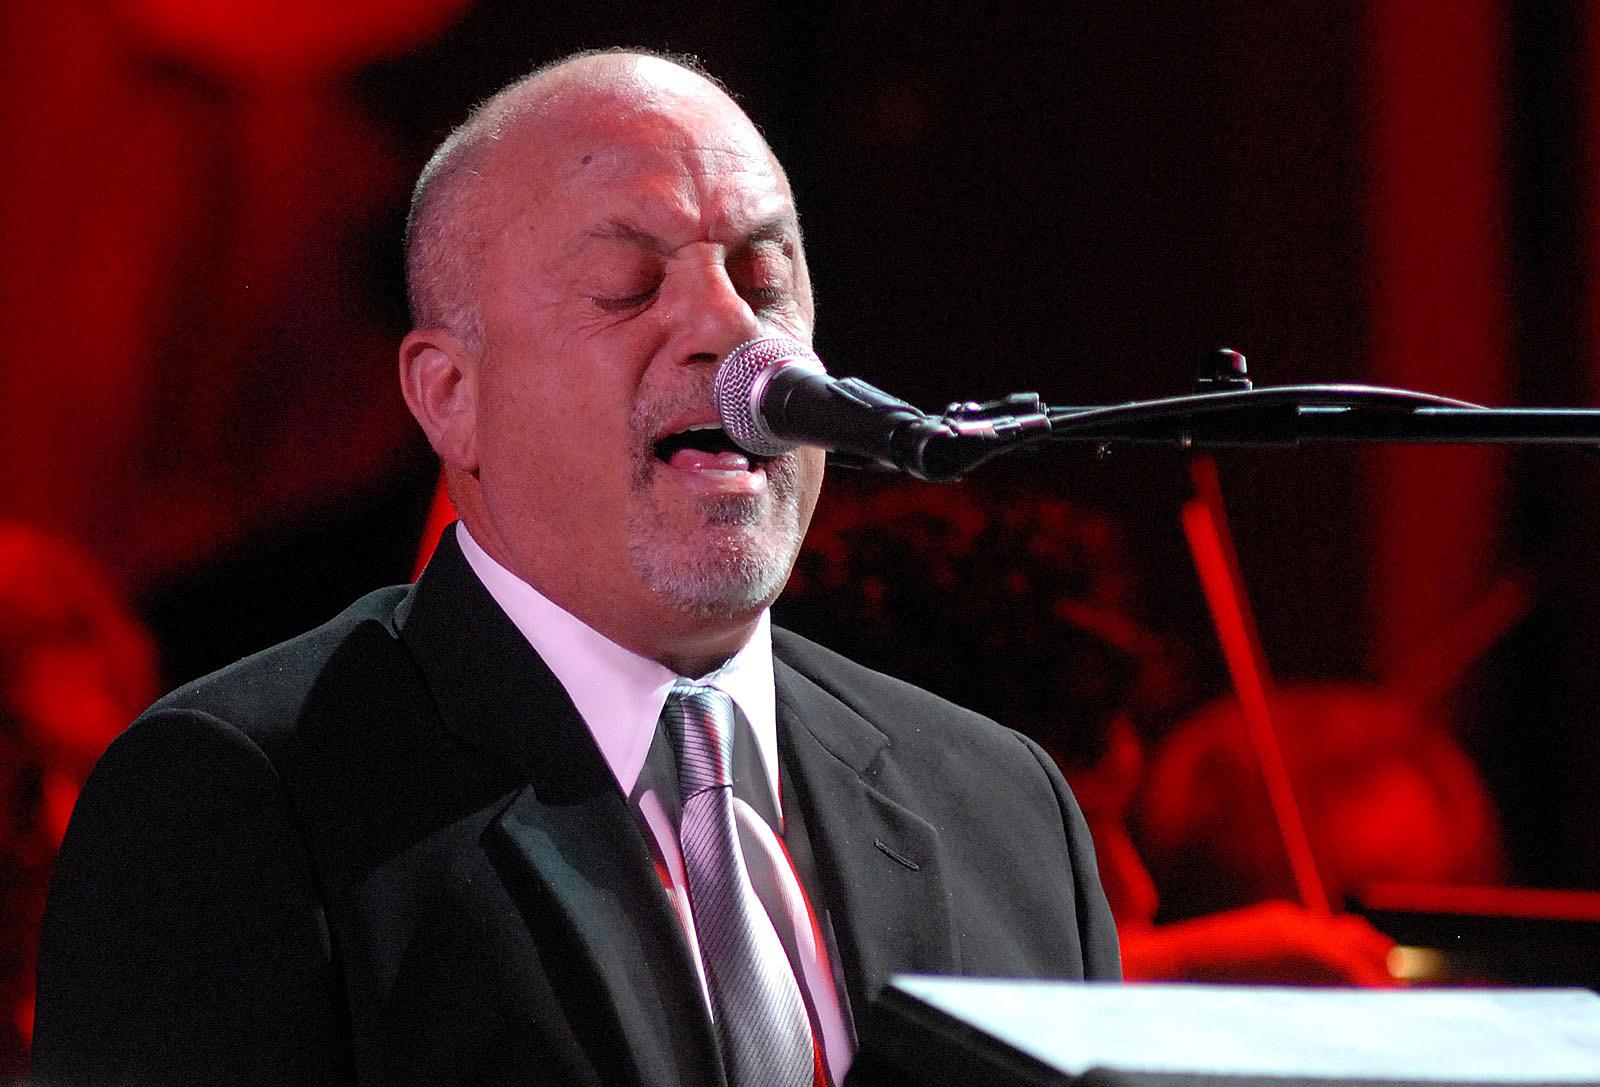 10 Years Ago Billy Joel Releases Christmas In Fallujah